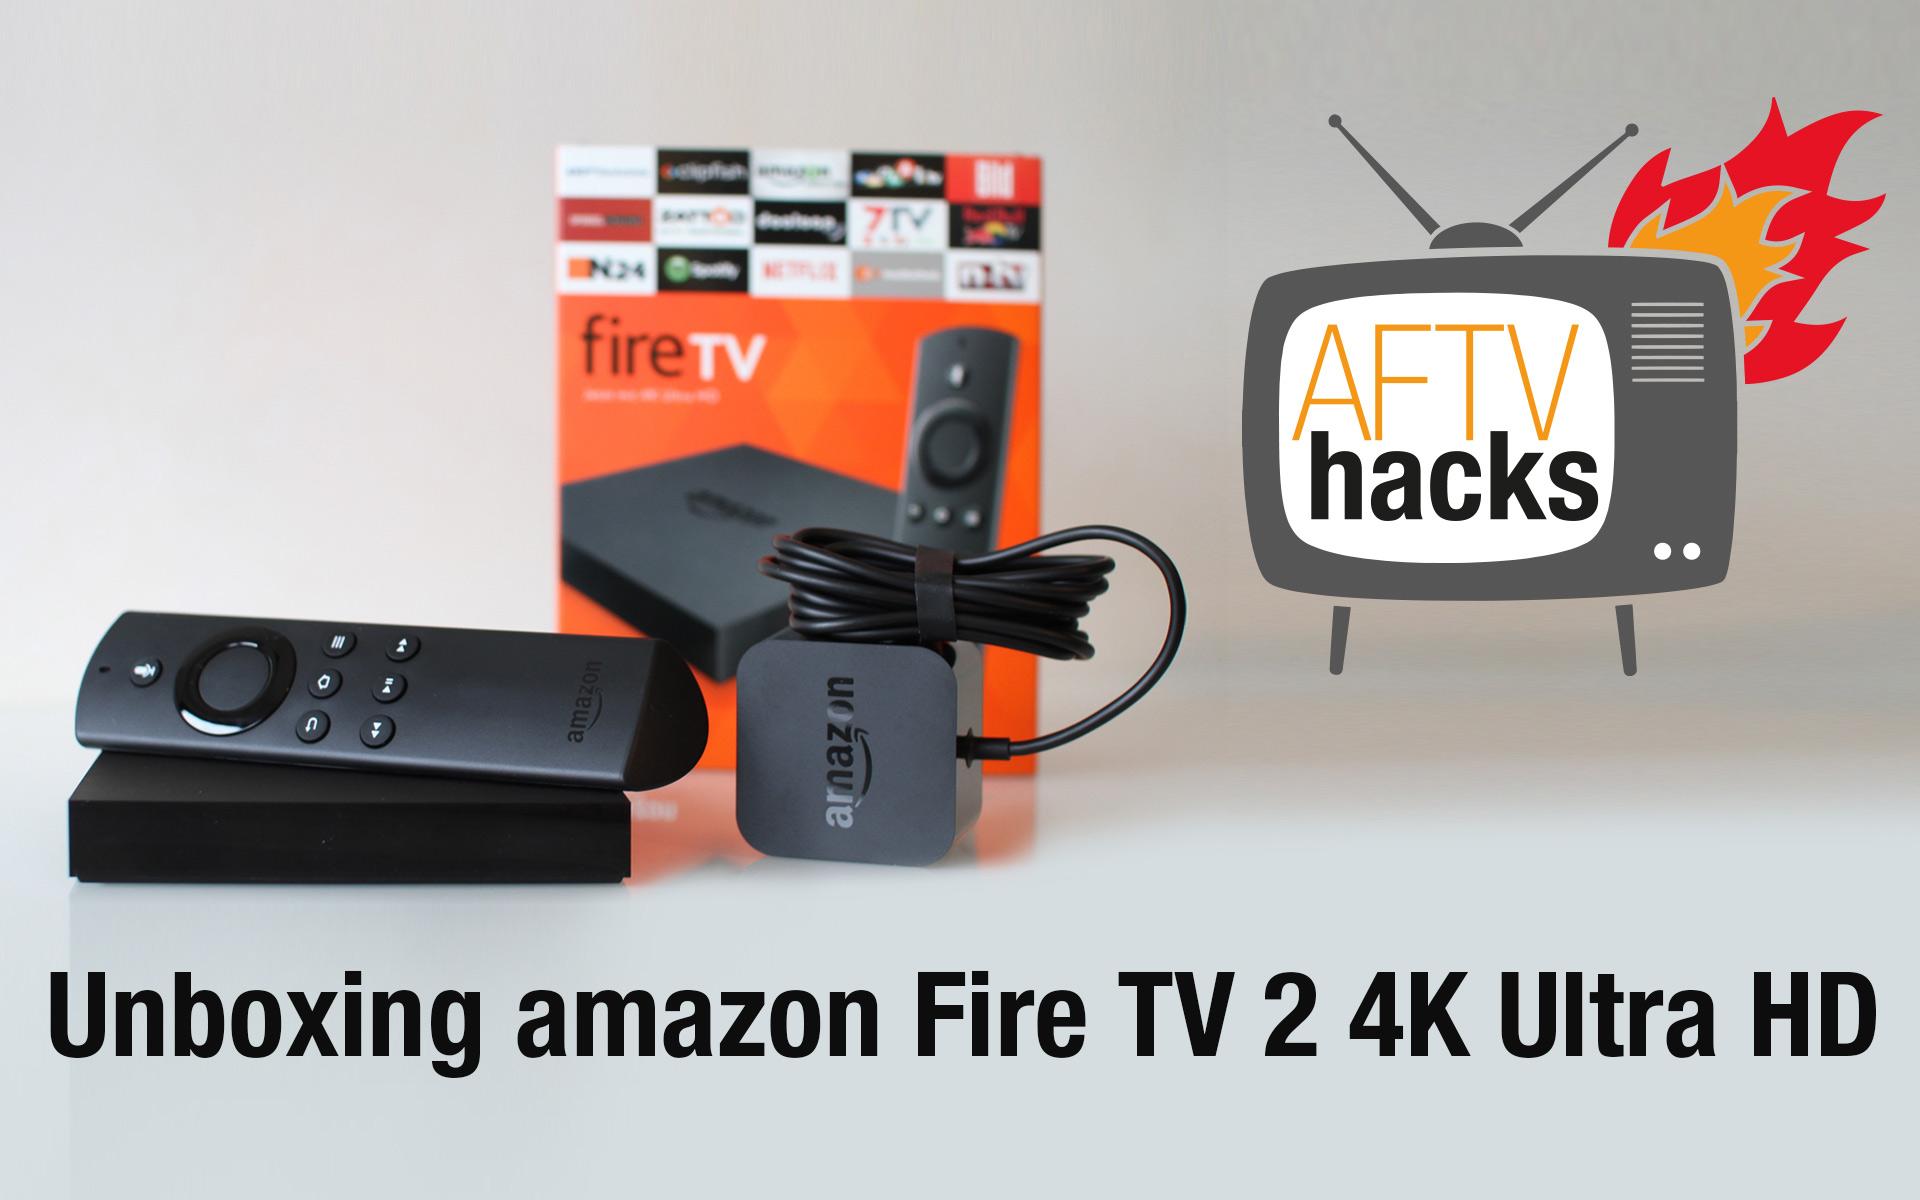 Unboxing-Video des neuen Amazon Fire TV 2 mit 4K Ultra HD – deutsch